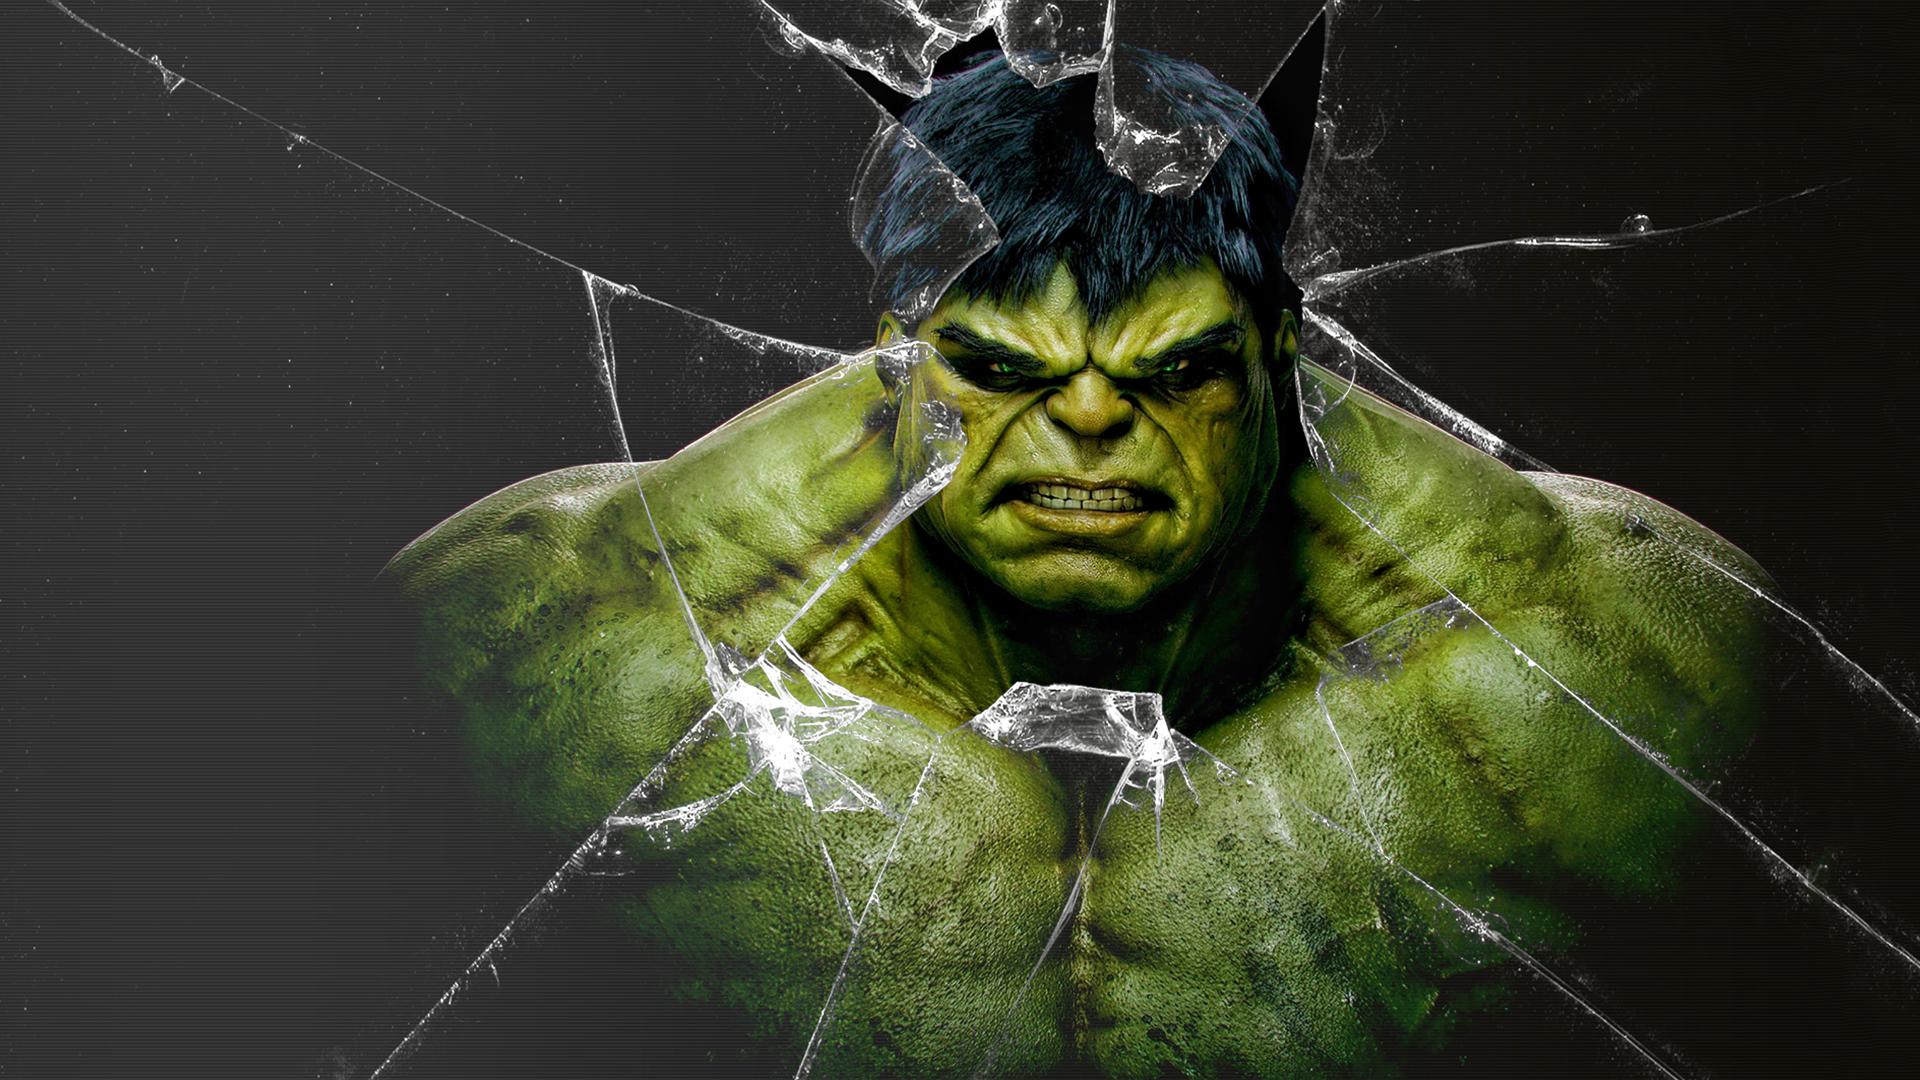 Free Download Incredible Hulk Wallpaper For Desktop 5 1920x1080